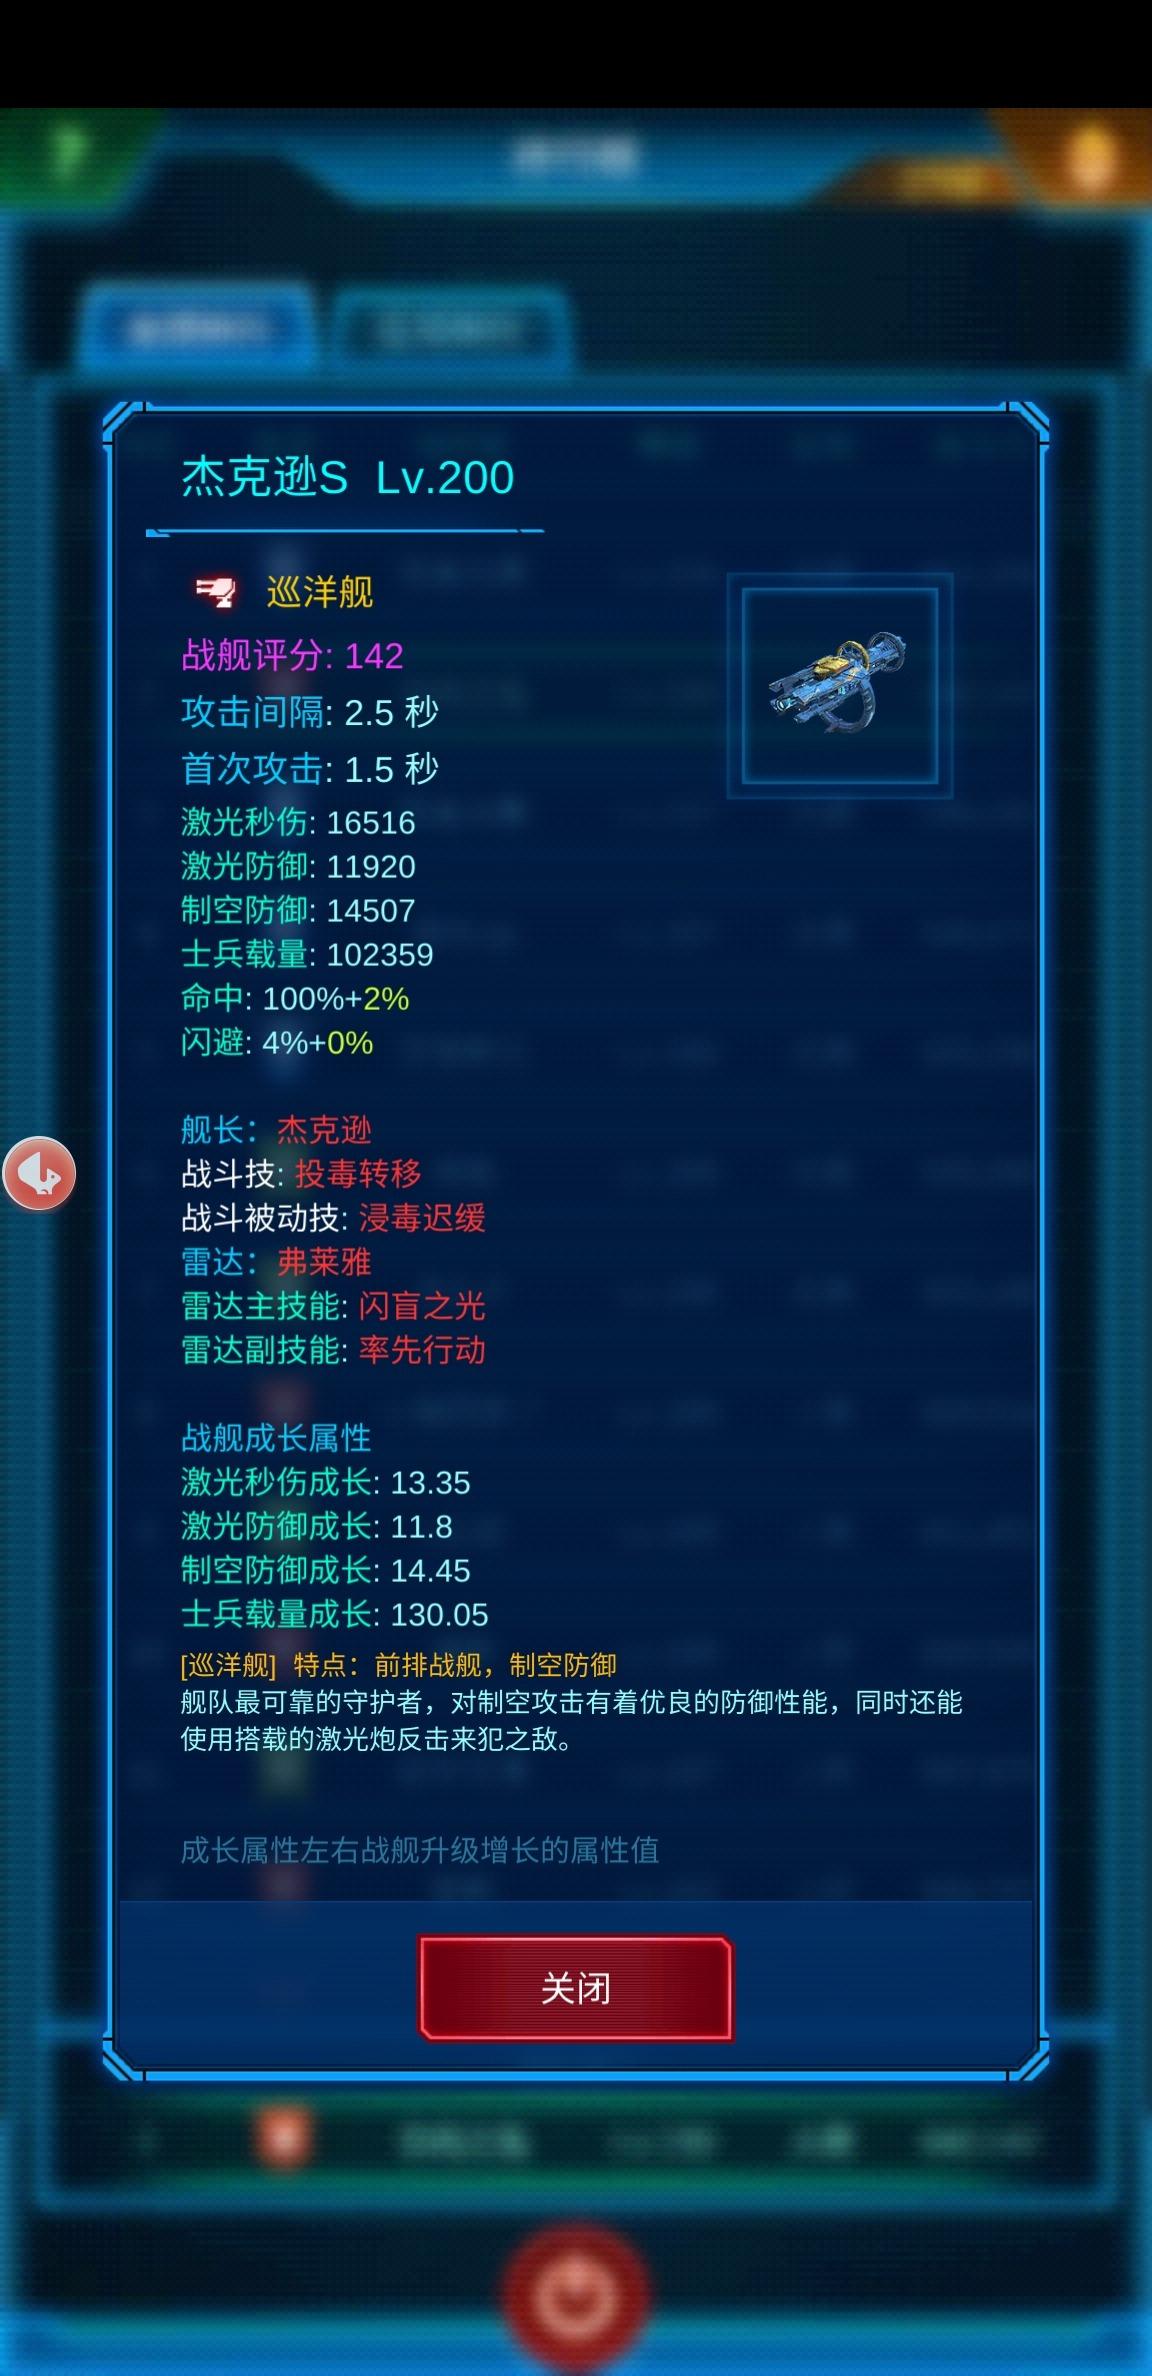 Screenshot_20210706_182446_com.tanwan.mobile.yhzjs.jpg